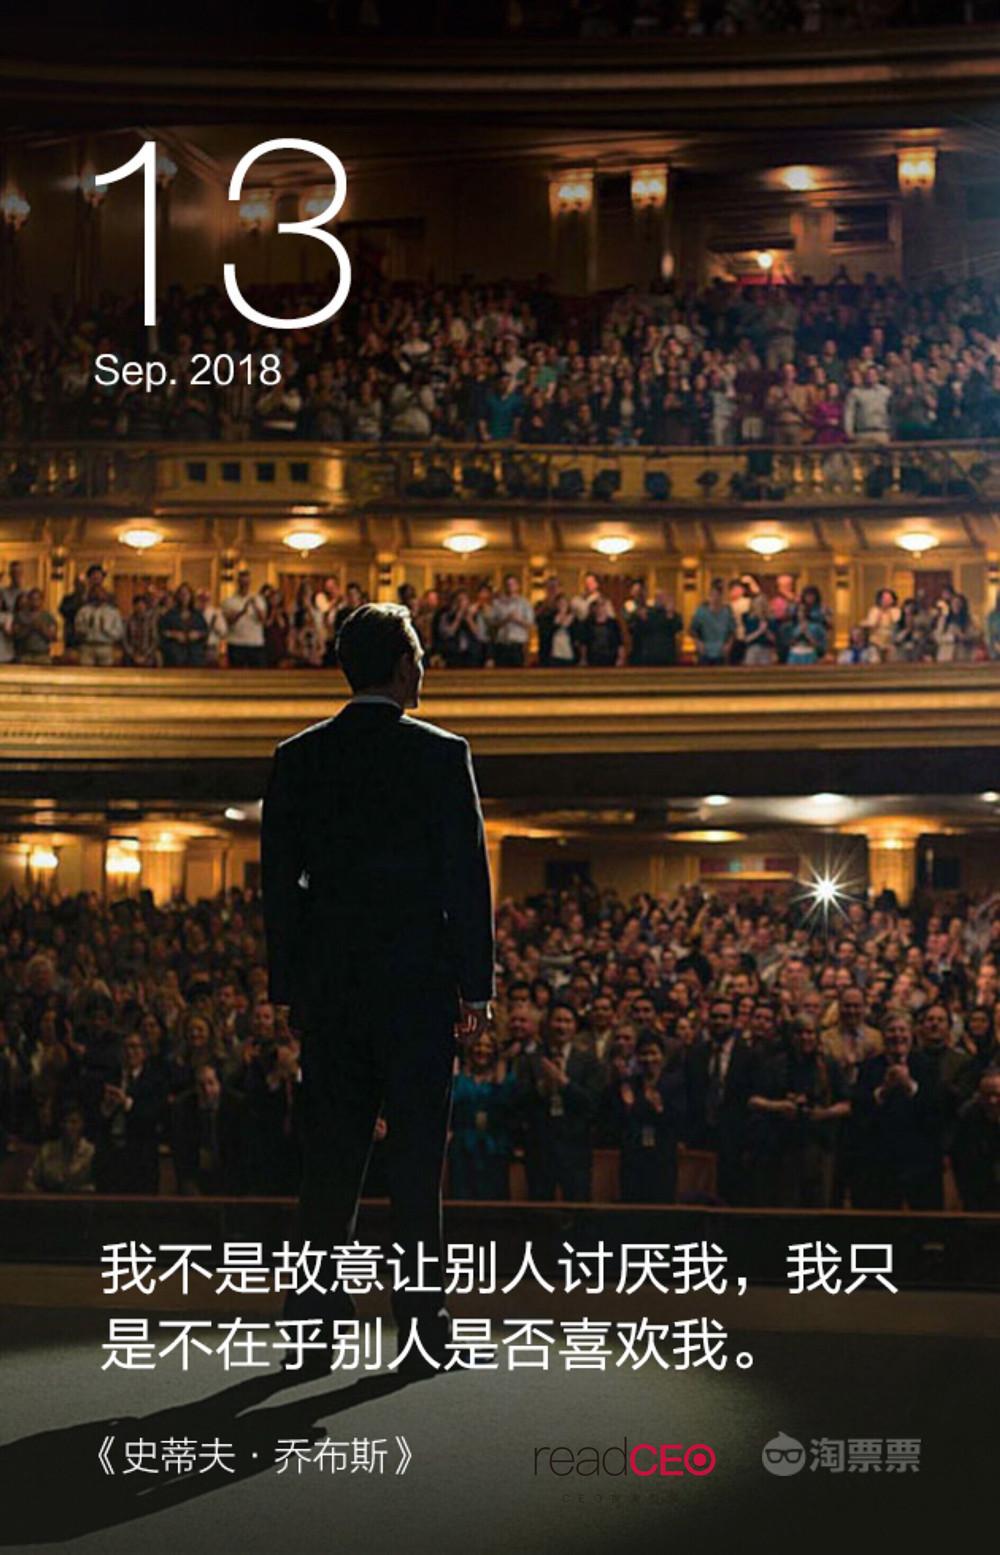 史蒂夫 · 乔布斯 | 西柚投影 | CEO搜索引擎